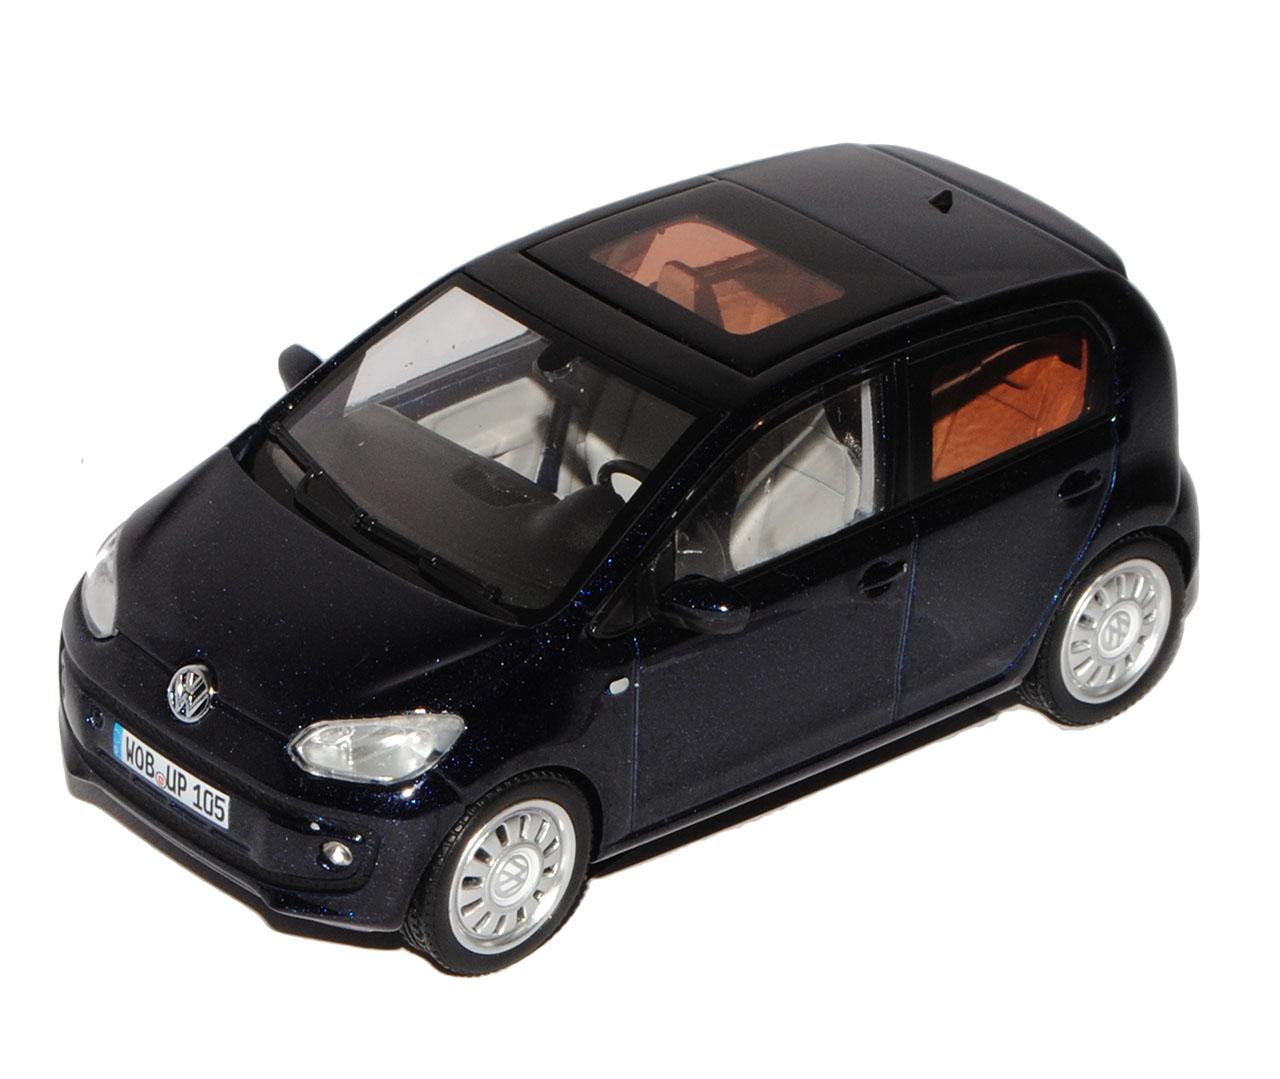 VW Volkswagen Up  Dunkel Blau 5 Türer Ab Ab Ab 2011 1 43 Schuco Modell Auto mit oder..  | Düsseldorf Online Shop  a5ad6d